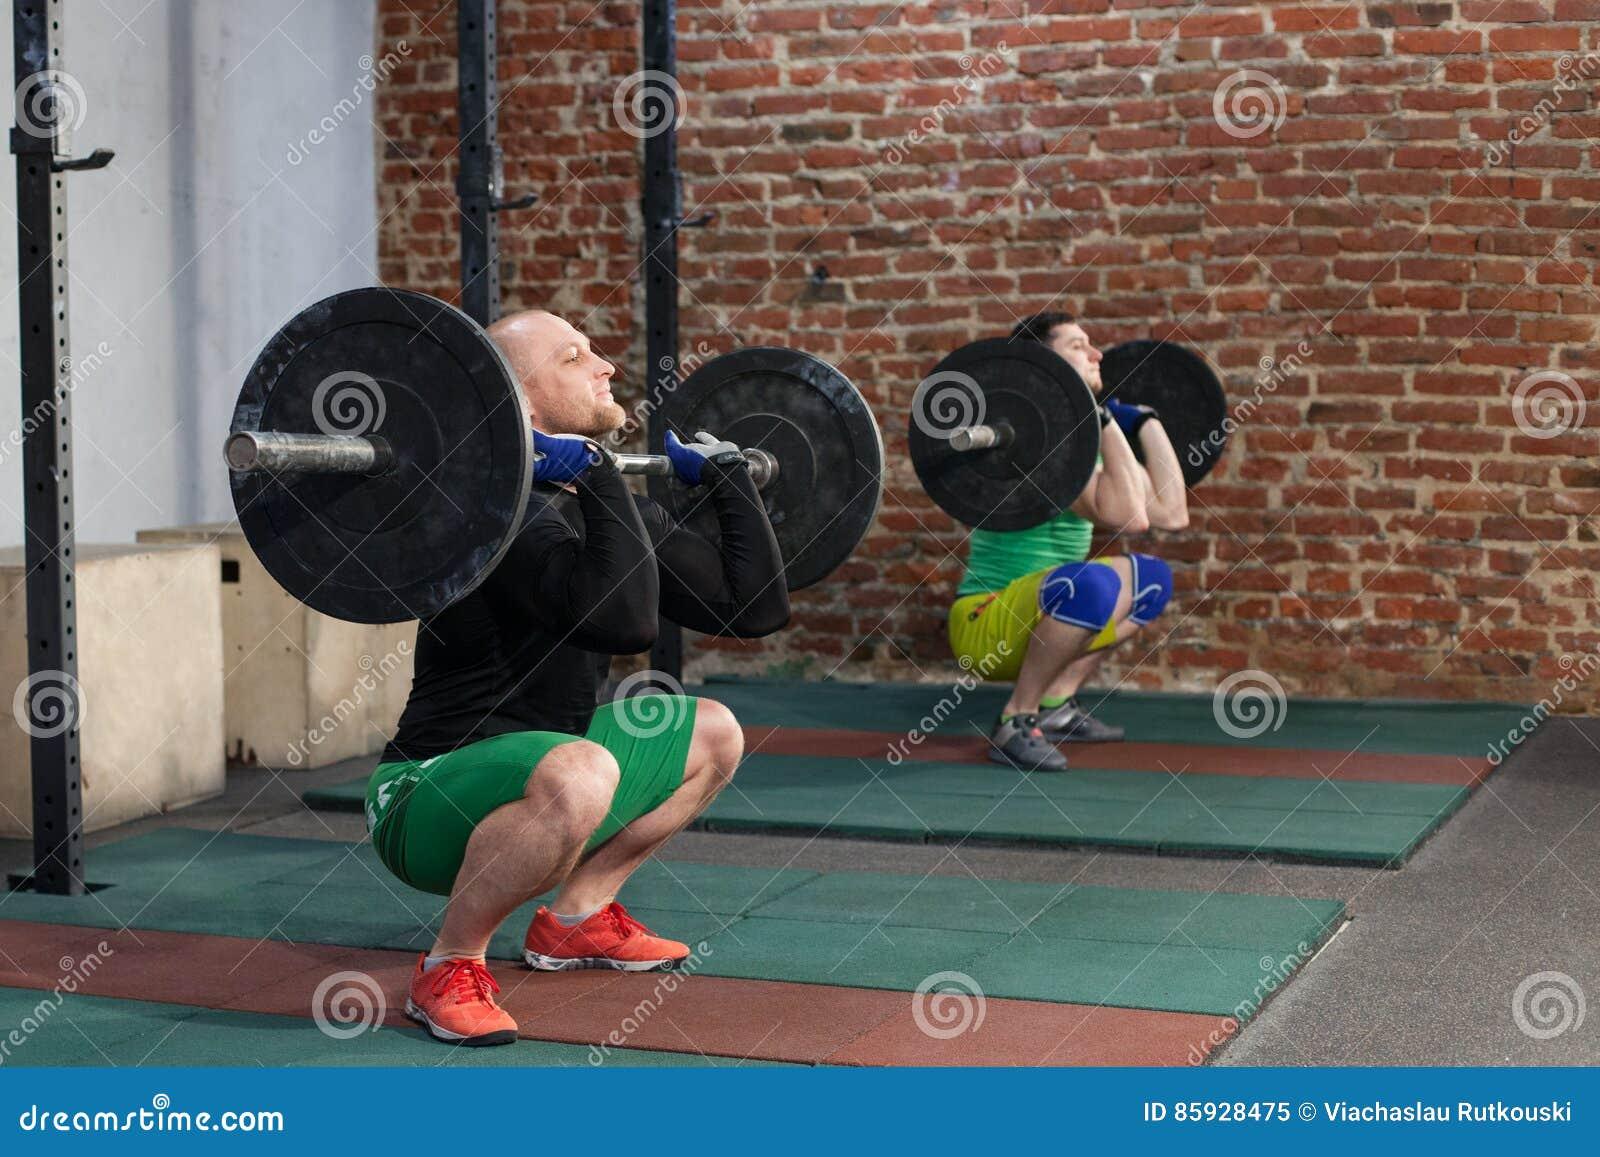 Men doing squat with barbells